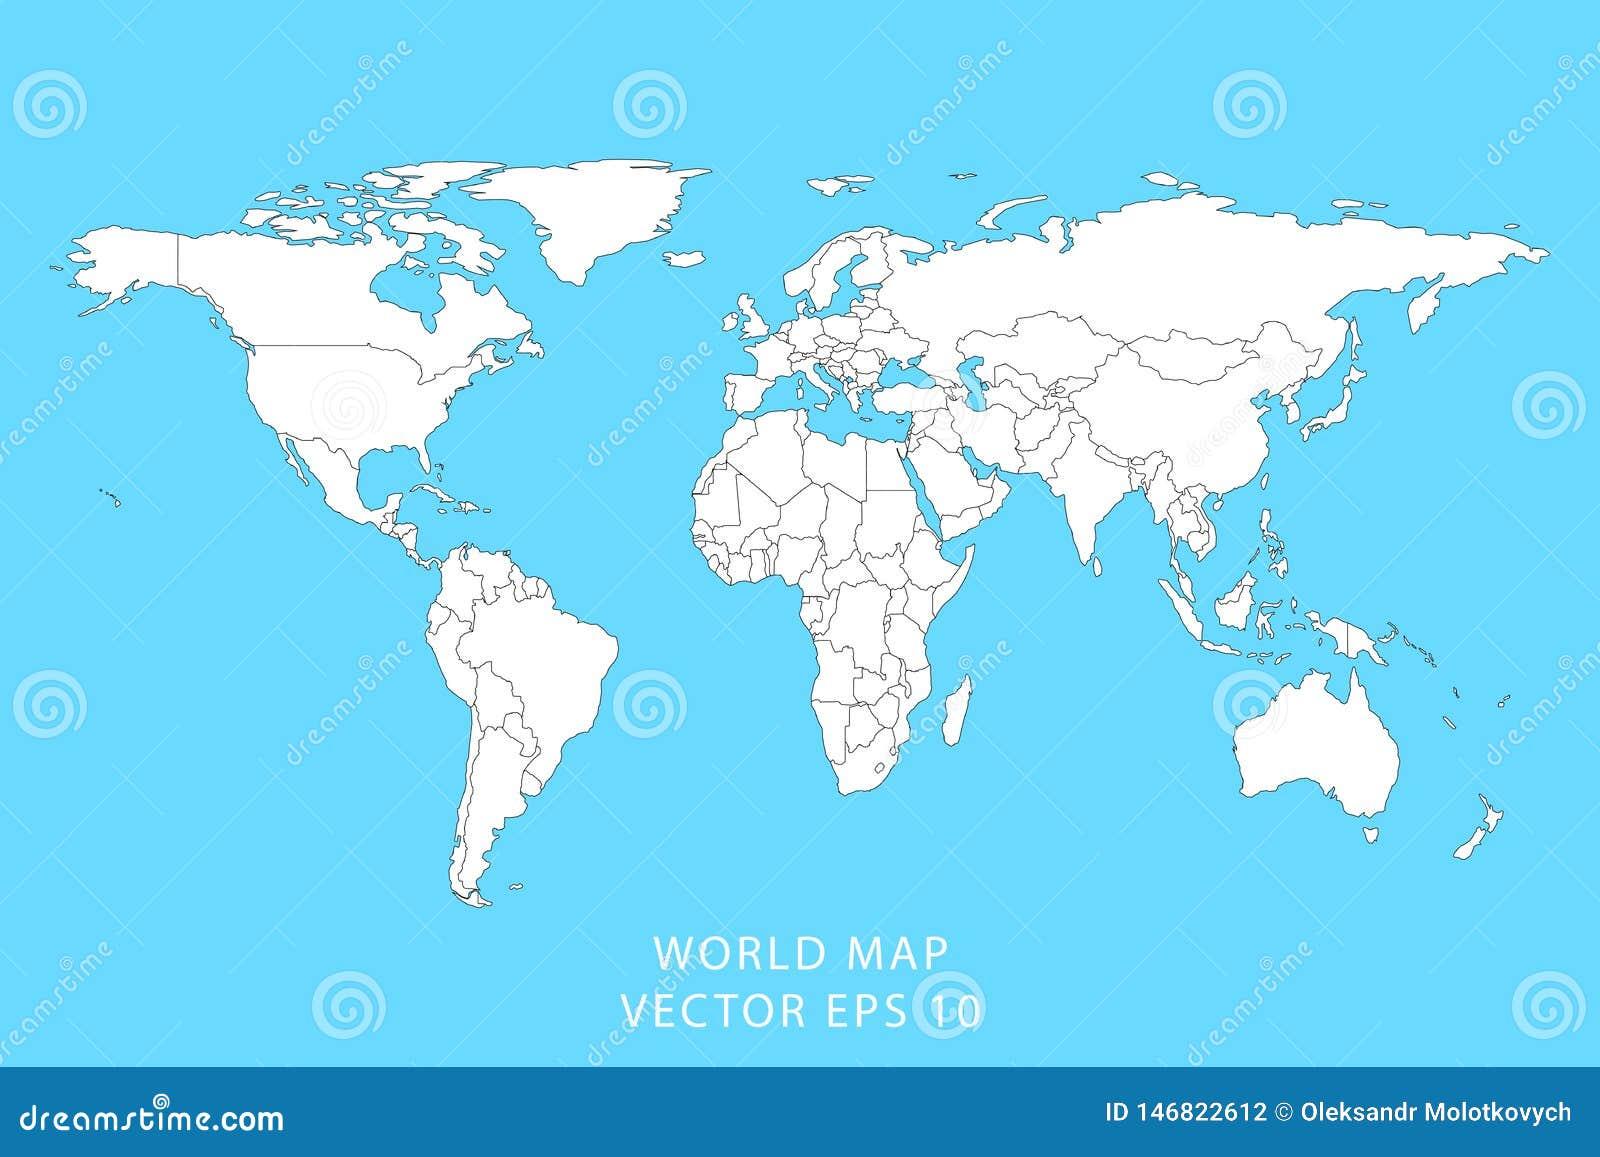 gedetailleerde wereldkaart met grenzen staten ge